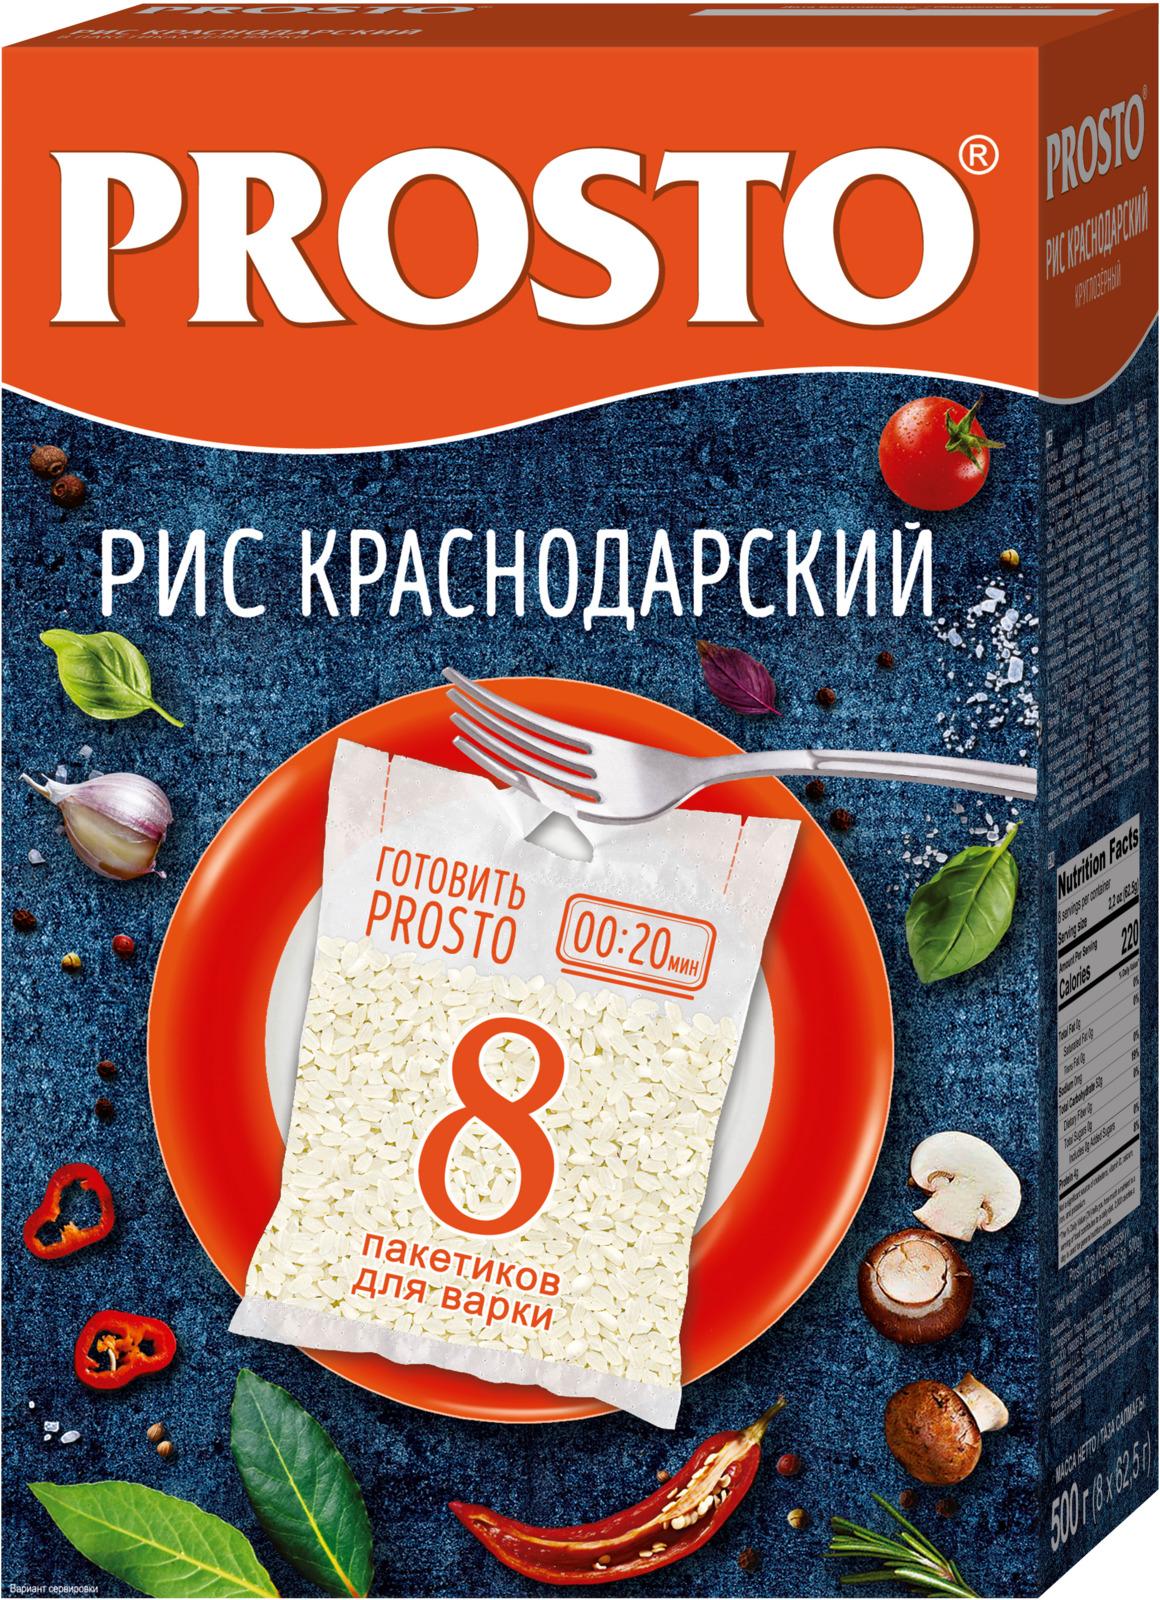 Prosto рис круглозерный Краснодарский в пакетиках для варки, 8 шт по 62,5 г увелка рис круглозерный в пакетах для варки 5 шт 80 г